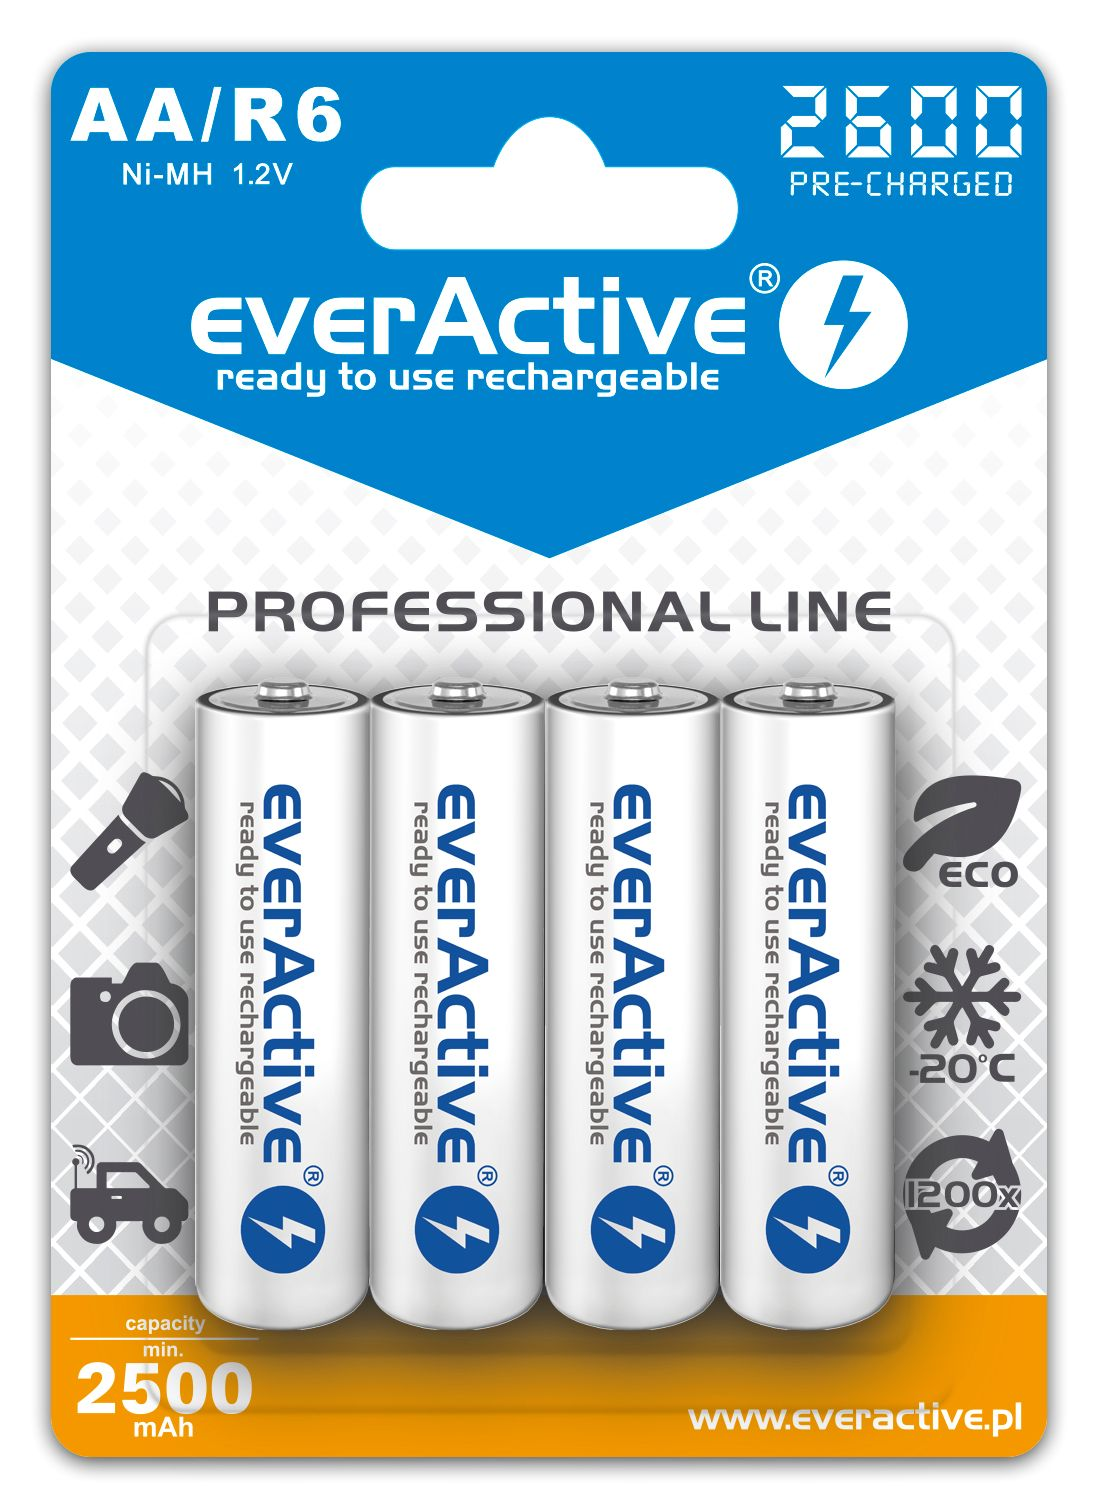 everAvtive Ni-MH new blister design